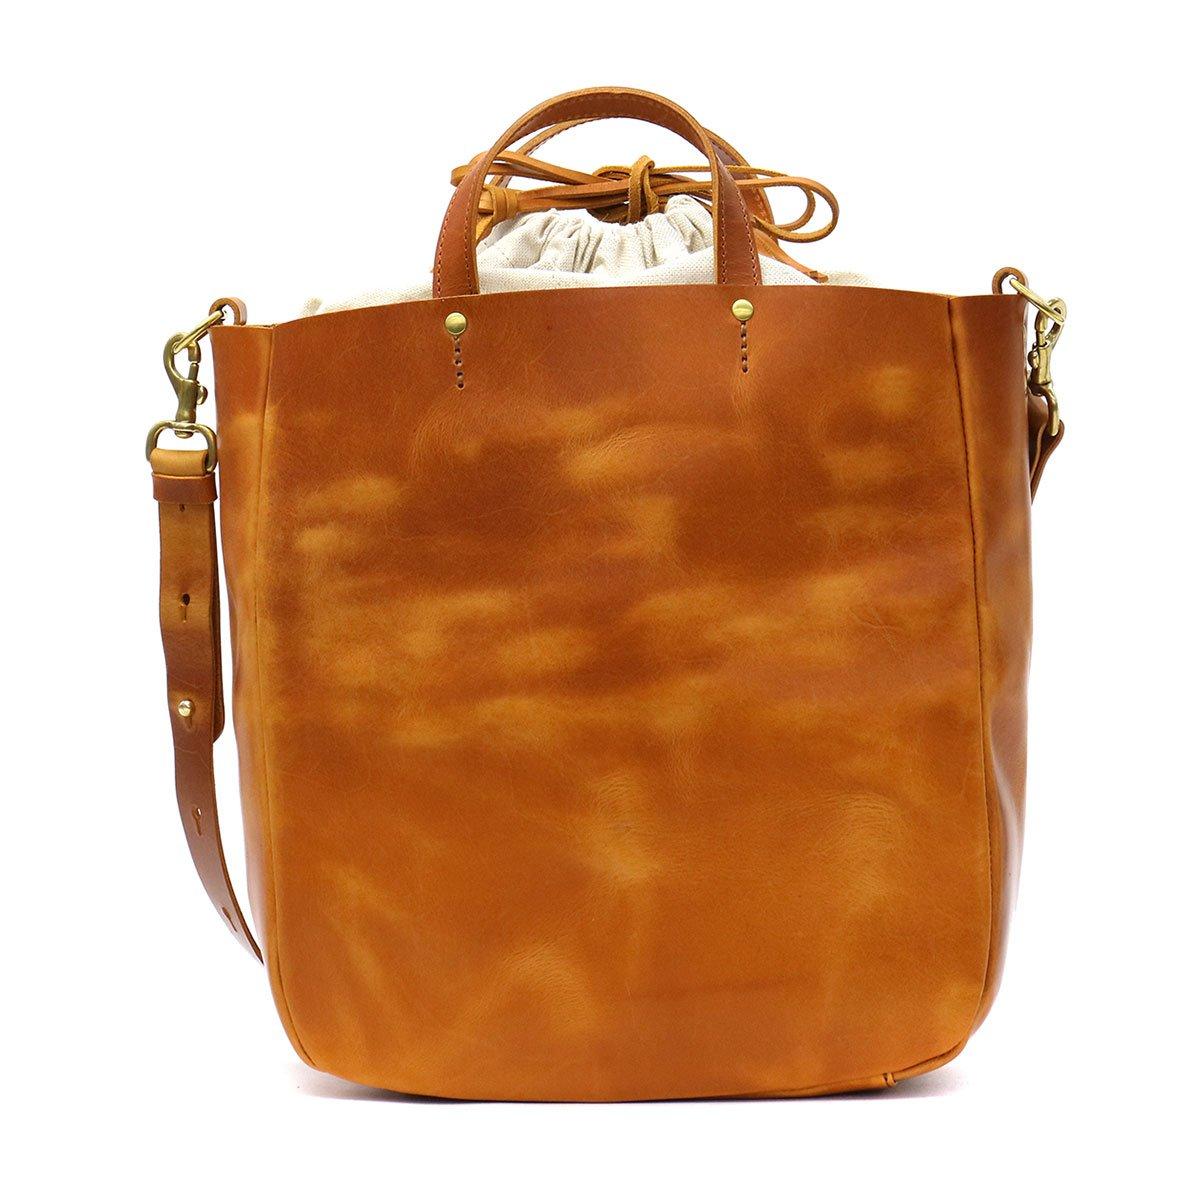 [スロウ] トートバッグ herbie 2way tote bag 49S122G B07F23MB44 CAMEL(24) CAMEL(24)